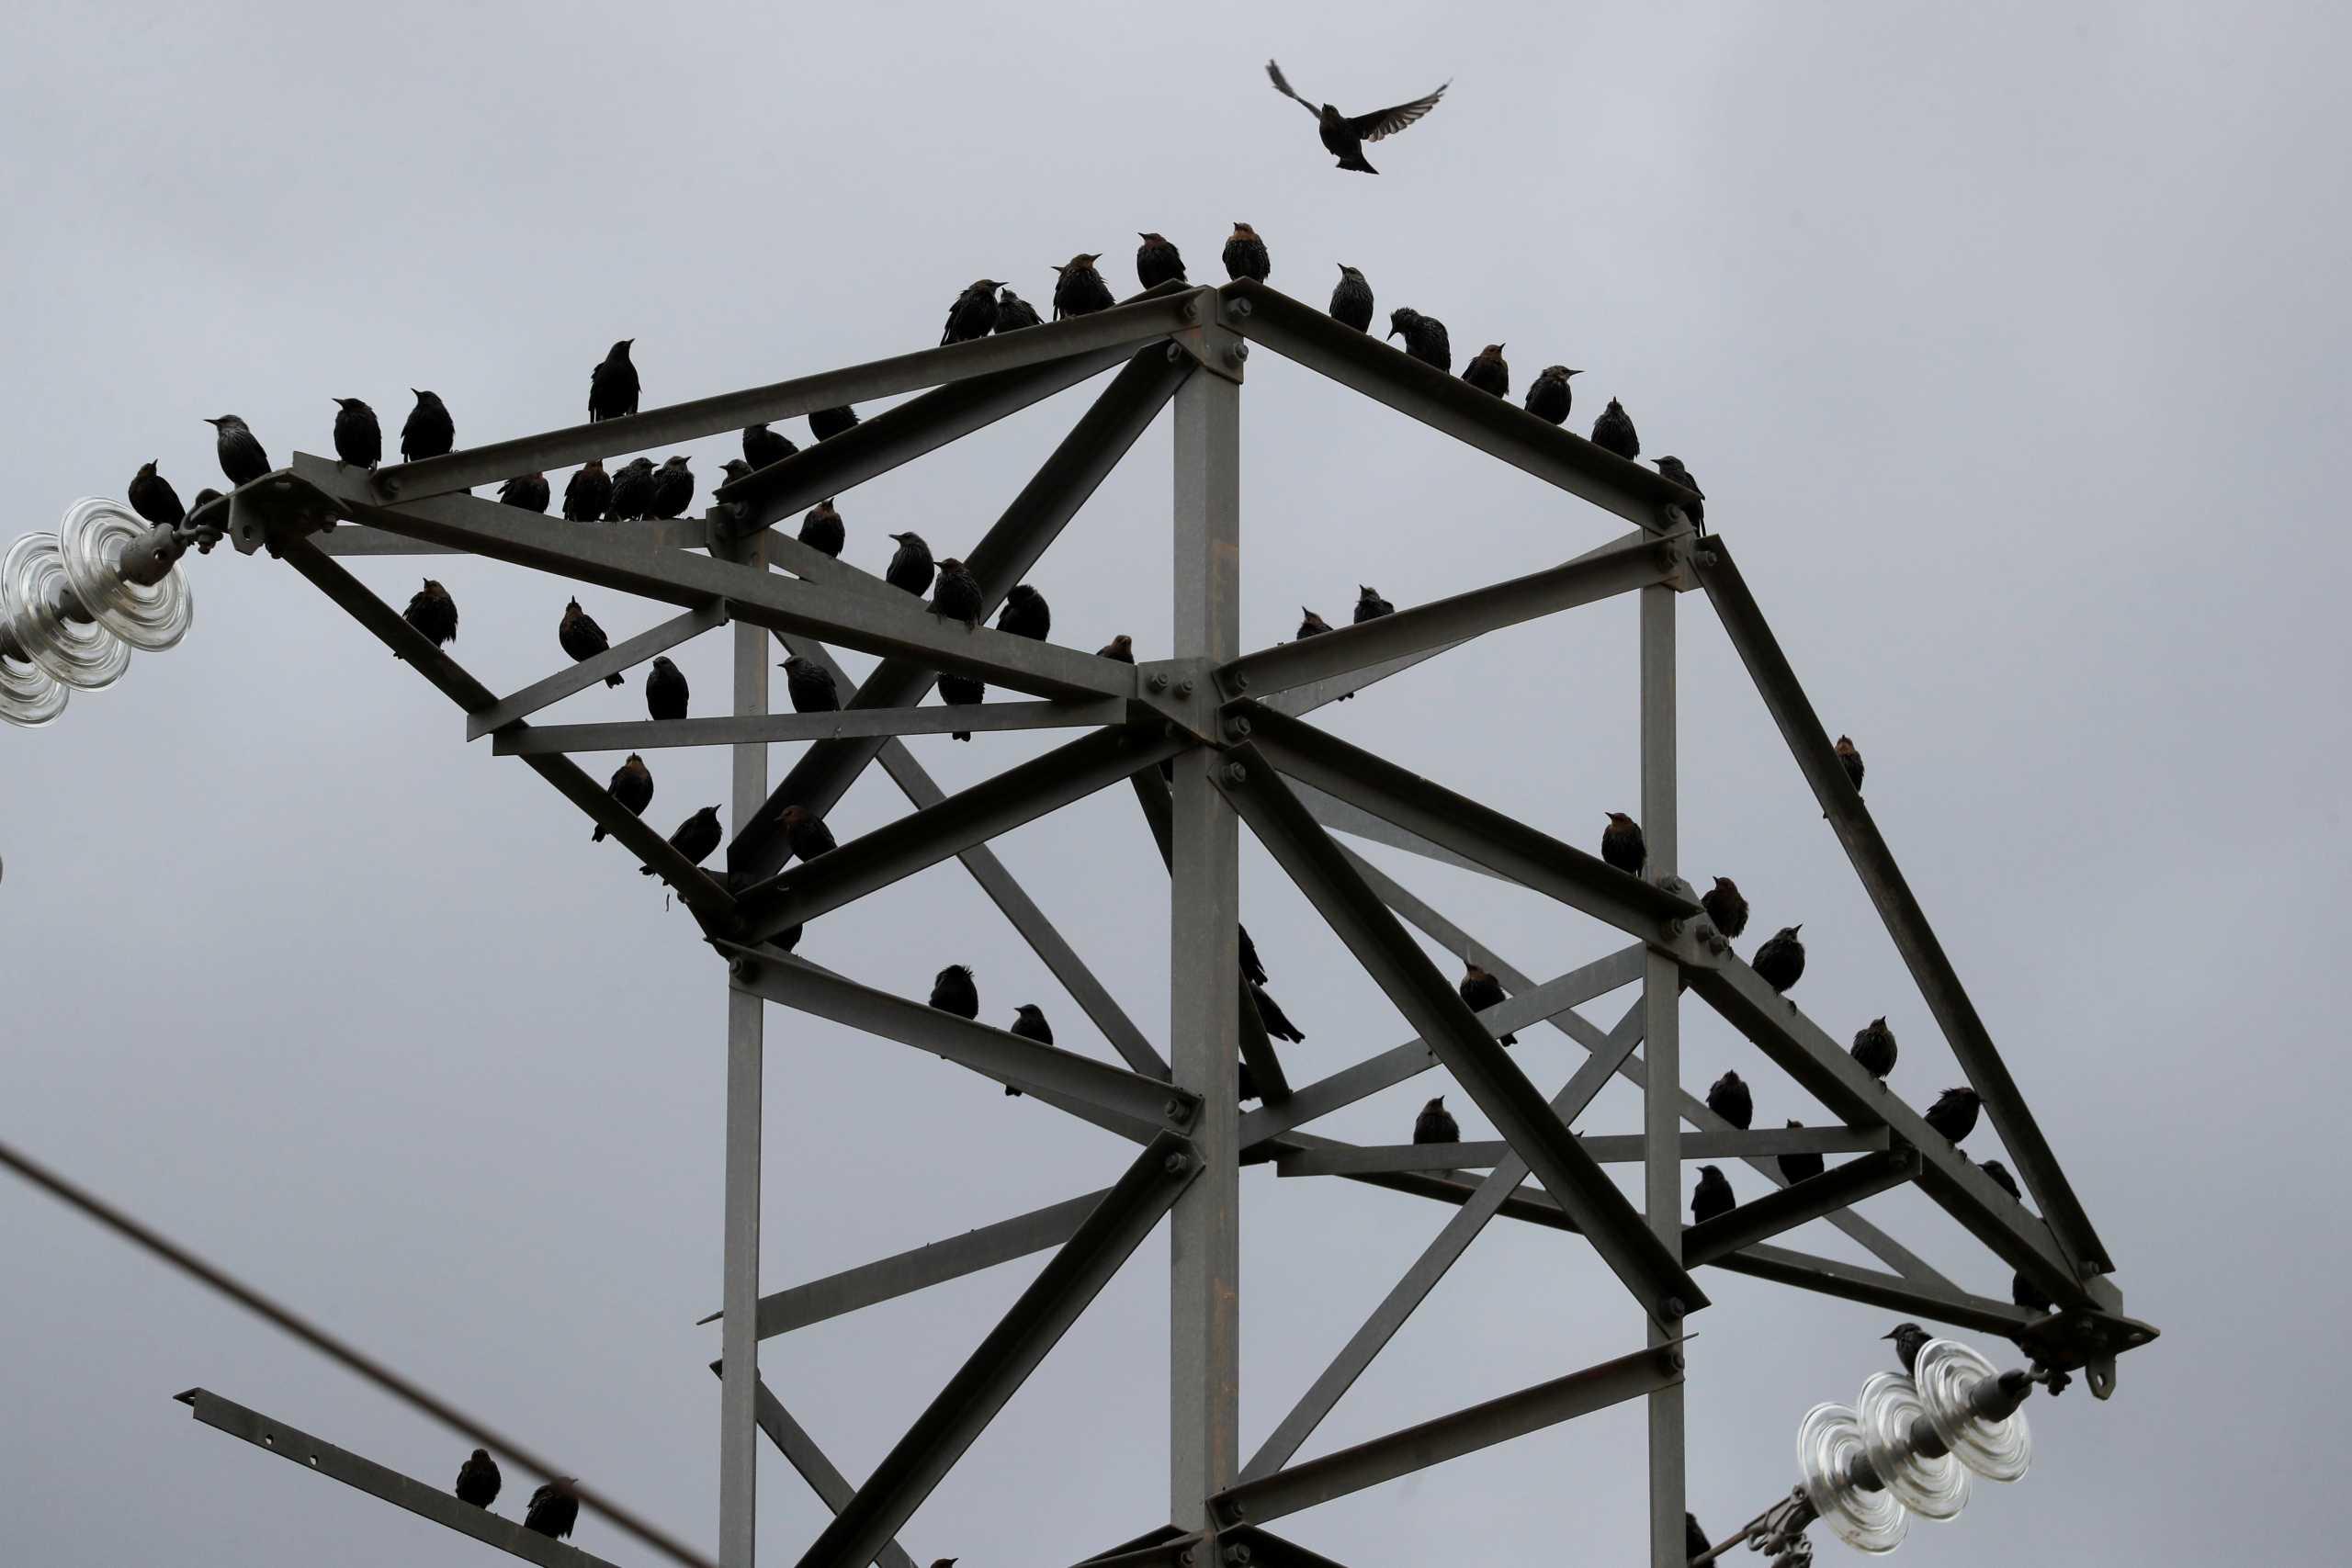 Ισπανία: Μέτρα για «φρένο» στην αύξηση της τιμής του ηλεκτρικού ρεύματος